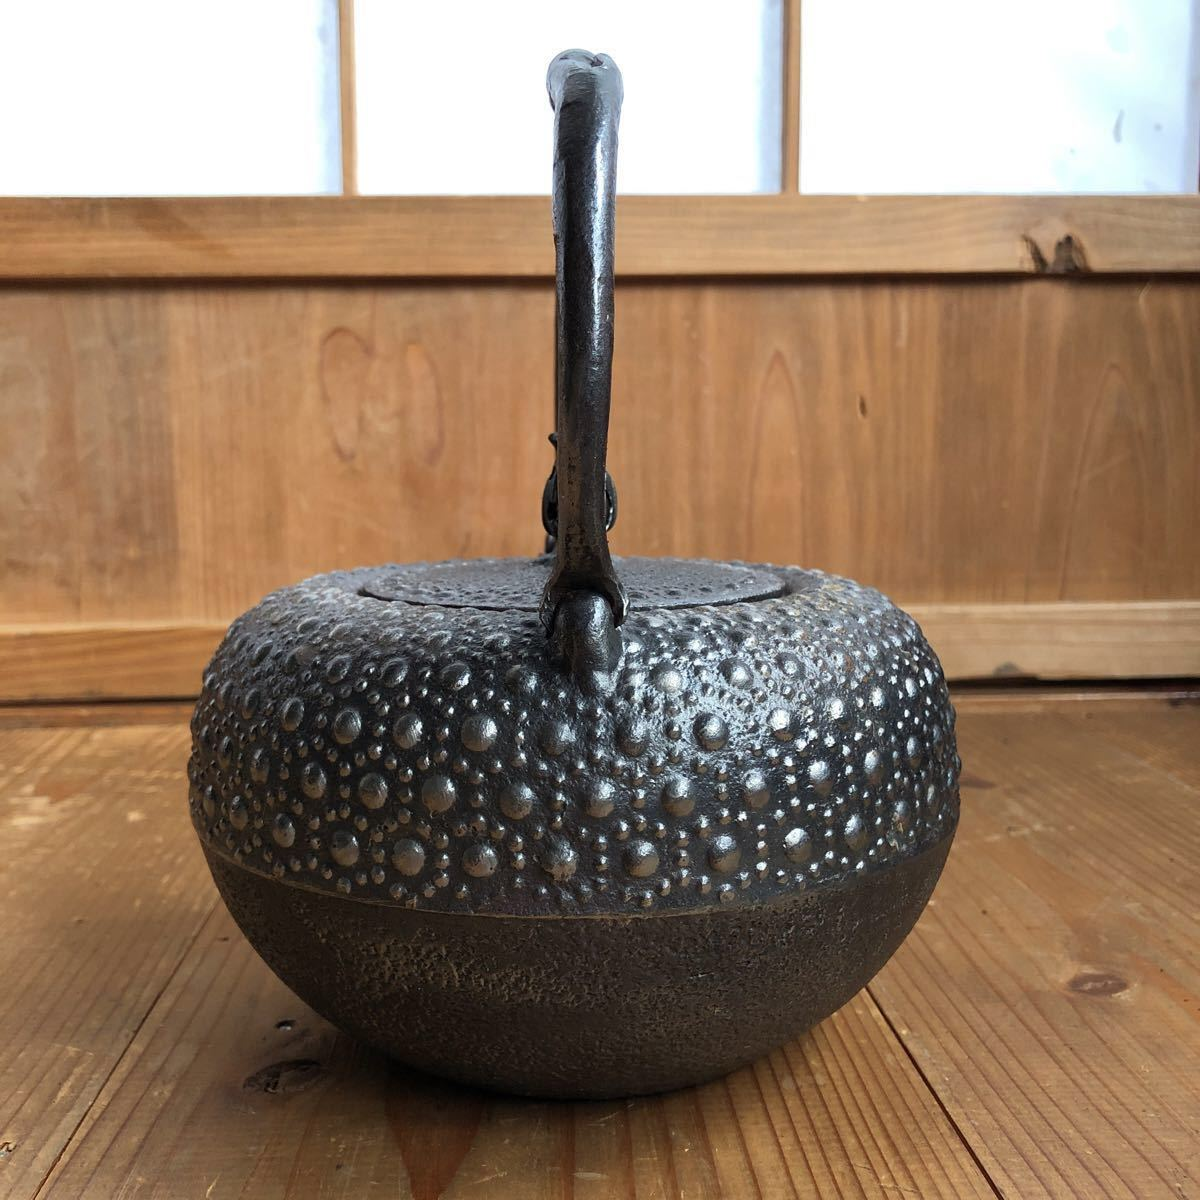 古い 南部鉄器 南部鉄瓶 岩鋳 亀甲模様 捻り持ち手 虫喰い摘み 湯沸かし 煎茶道具 _画像8